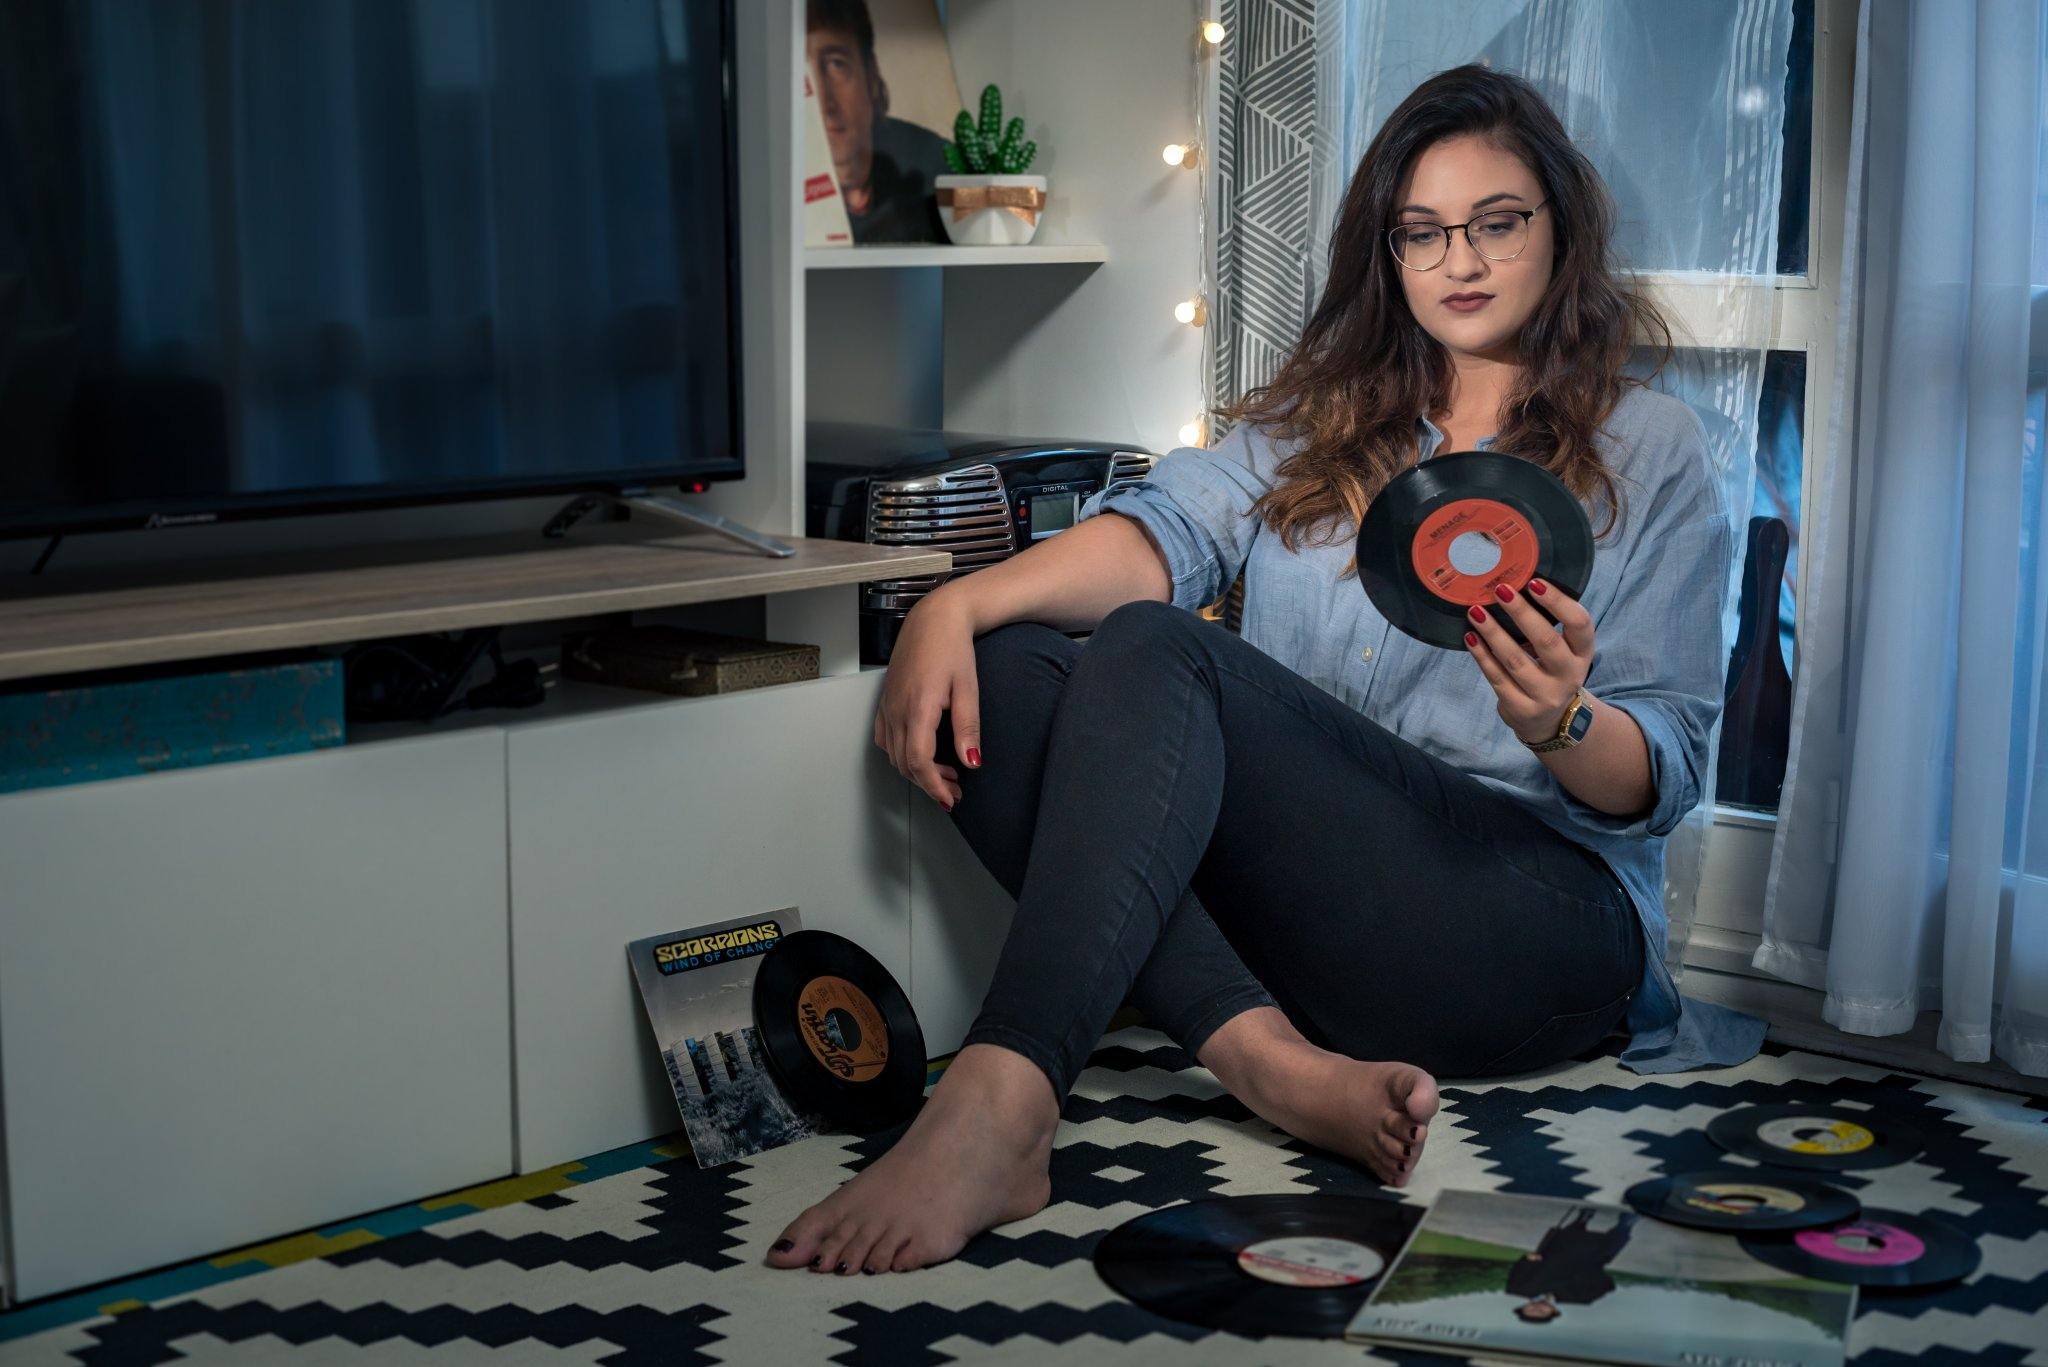 Photographe Professionnel Lyon Villeurbanne - portrait Marianne lifestyle domicile